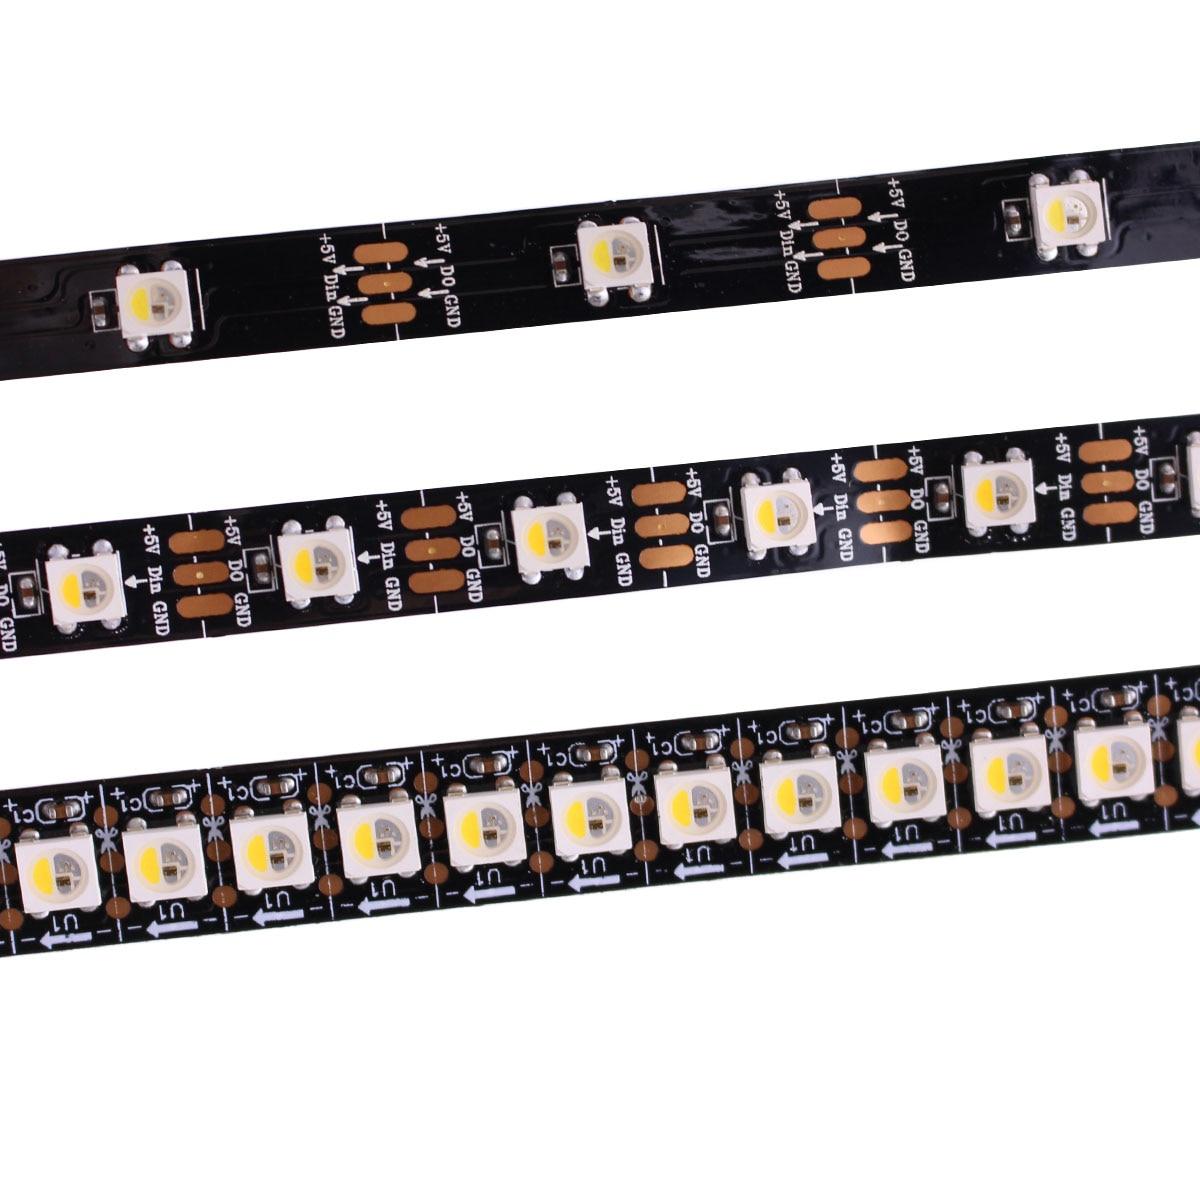 Лучшая цена 1 м 5 м адресуемых SK6812 RGBW RGBWW светодиодные полосы нейтральный белый WWA водонепроницаемый 30/60/144 светодиодов/pixles/m 5В аналогичный ...